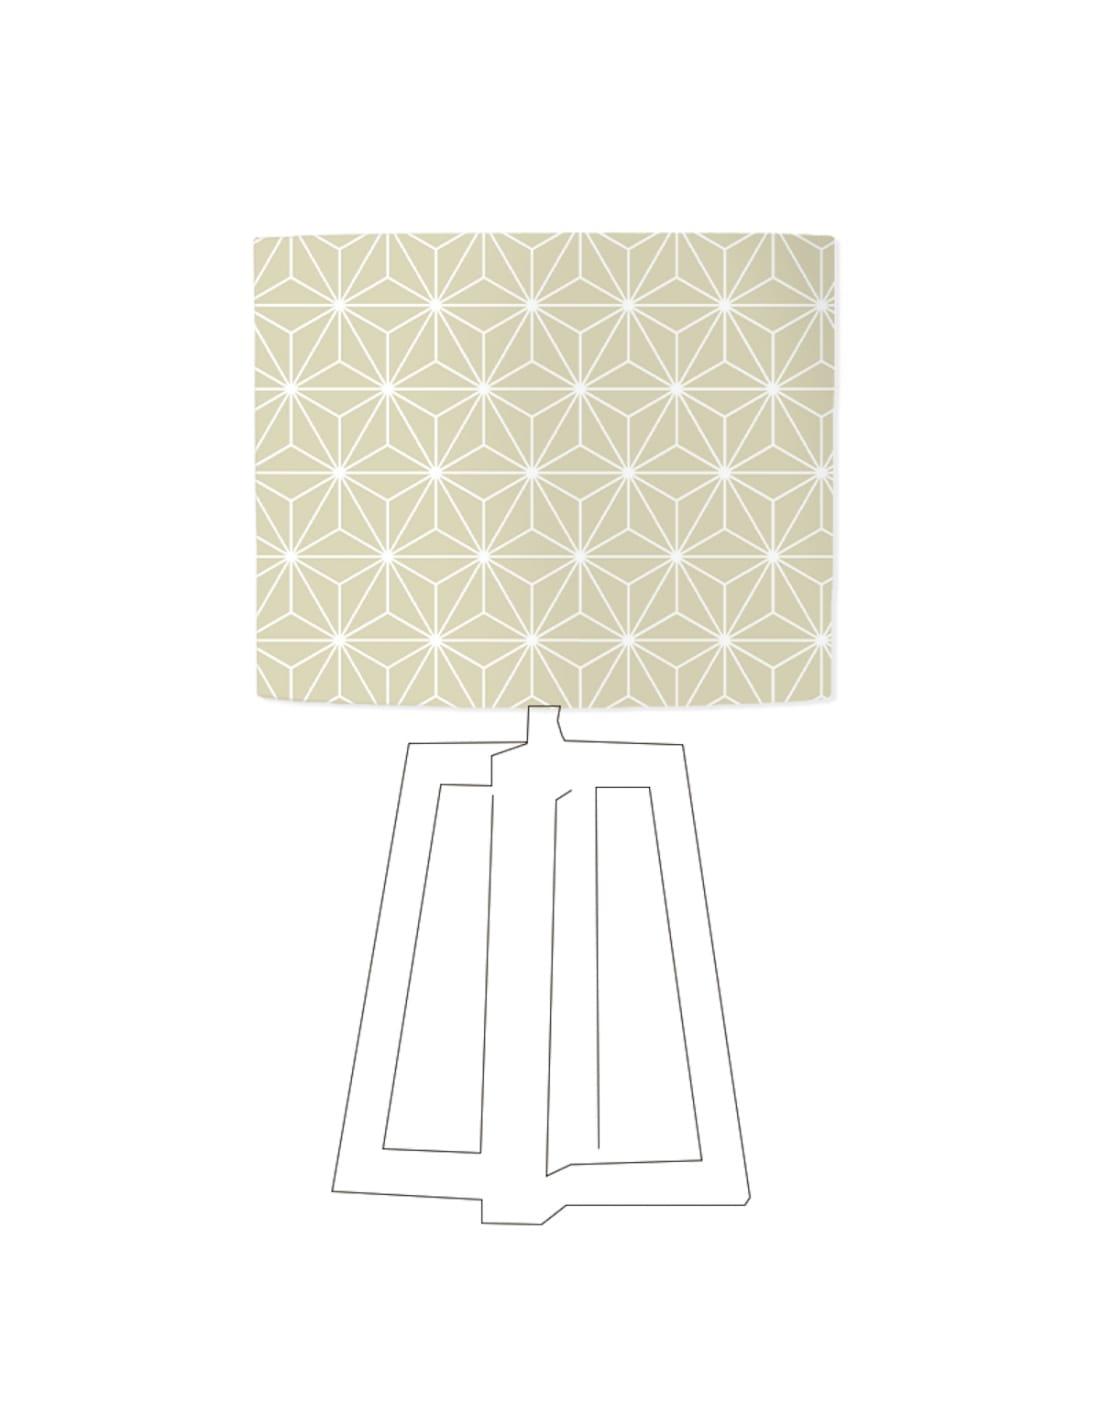 Abat-jour beige imprimé blanc d 45 cm